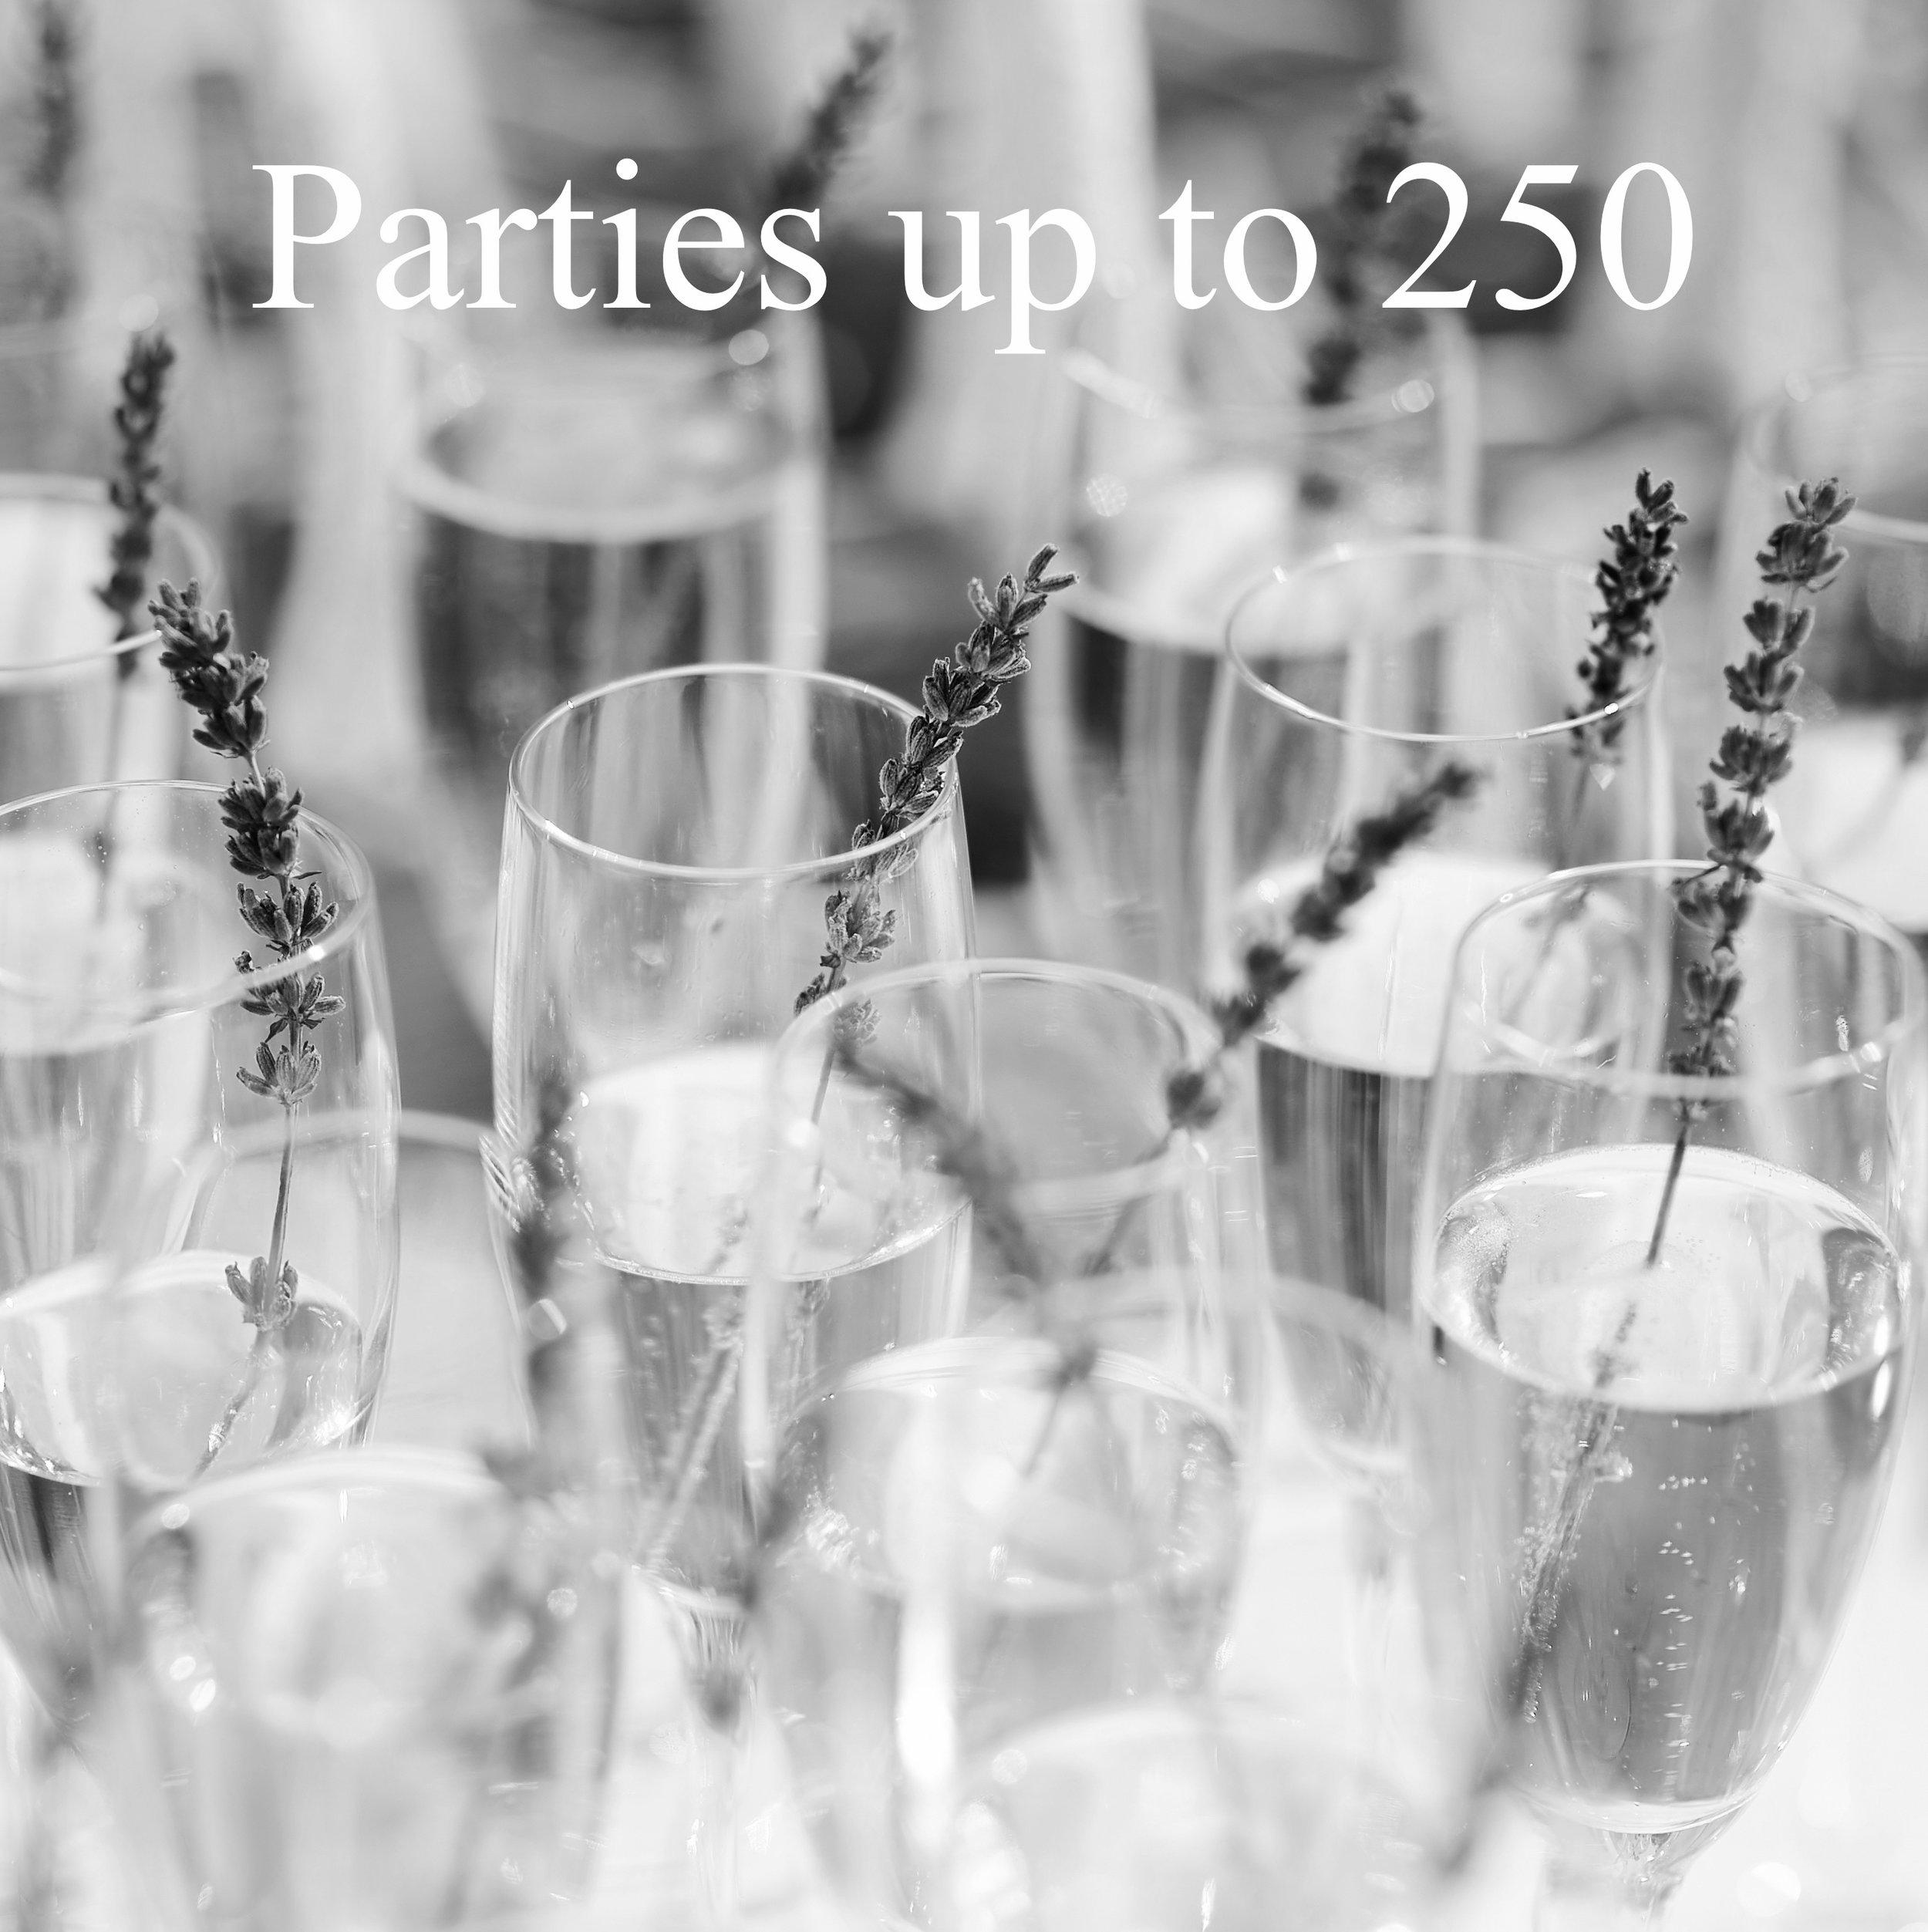 Parties 250.jpg